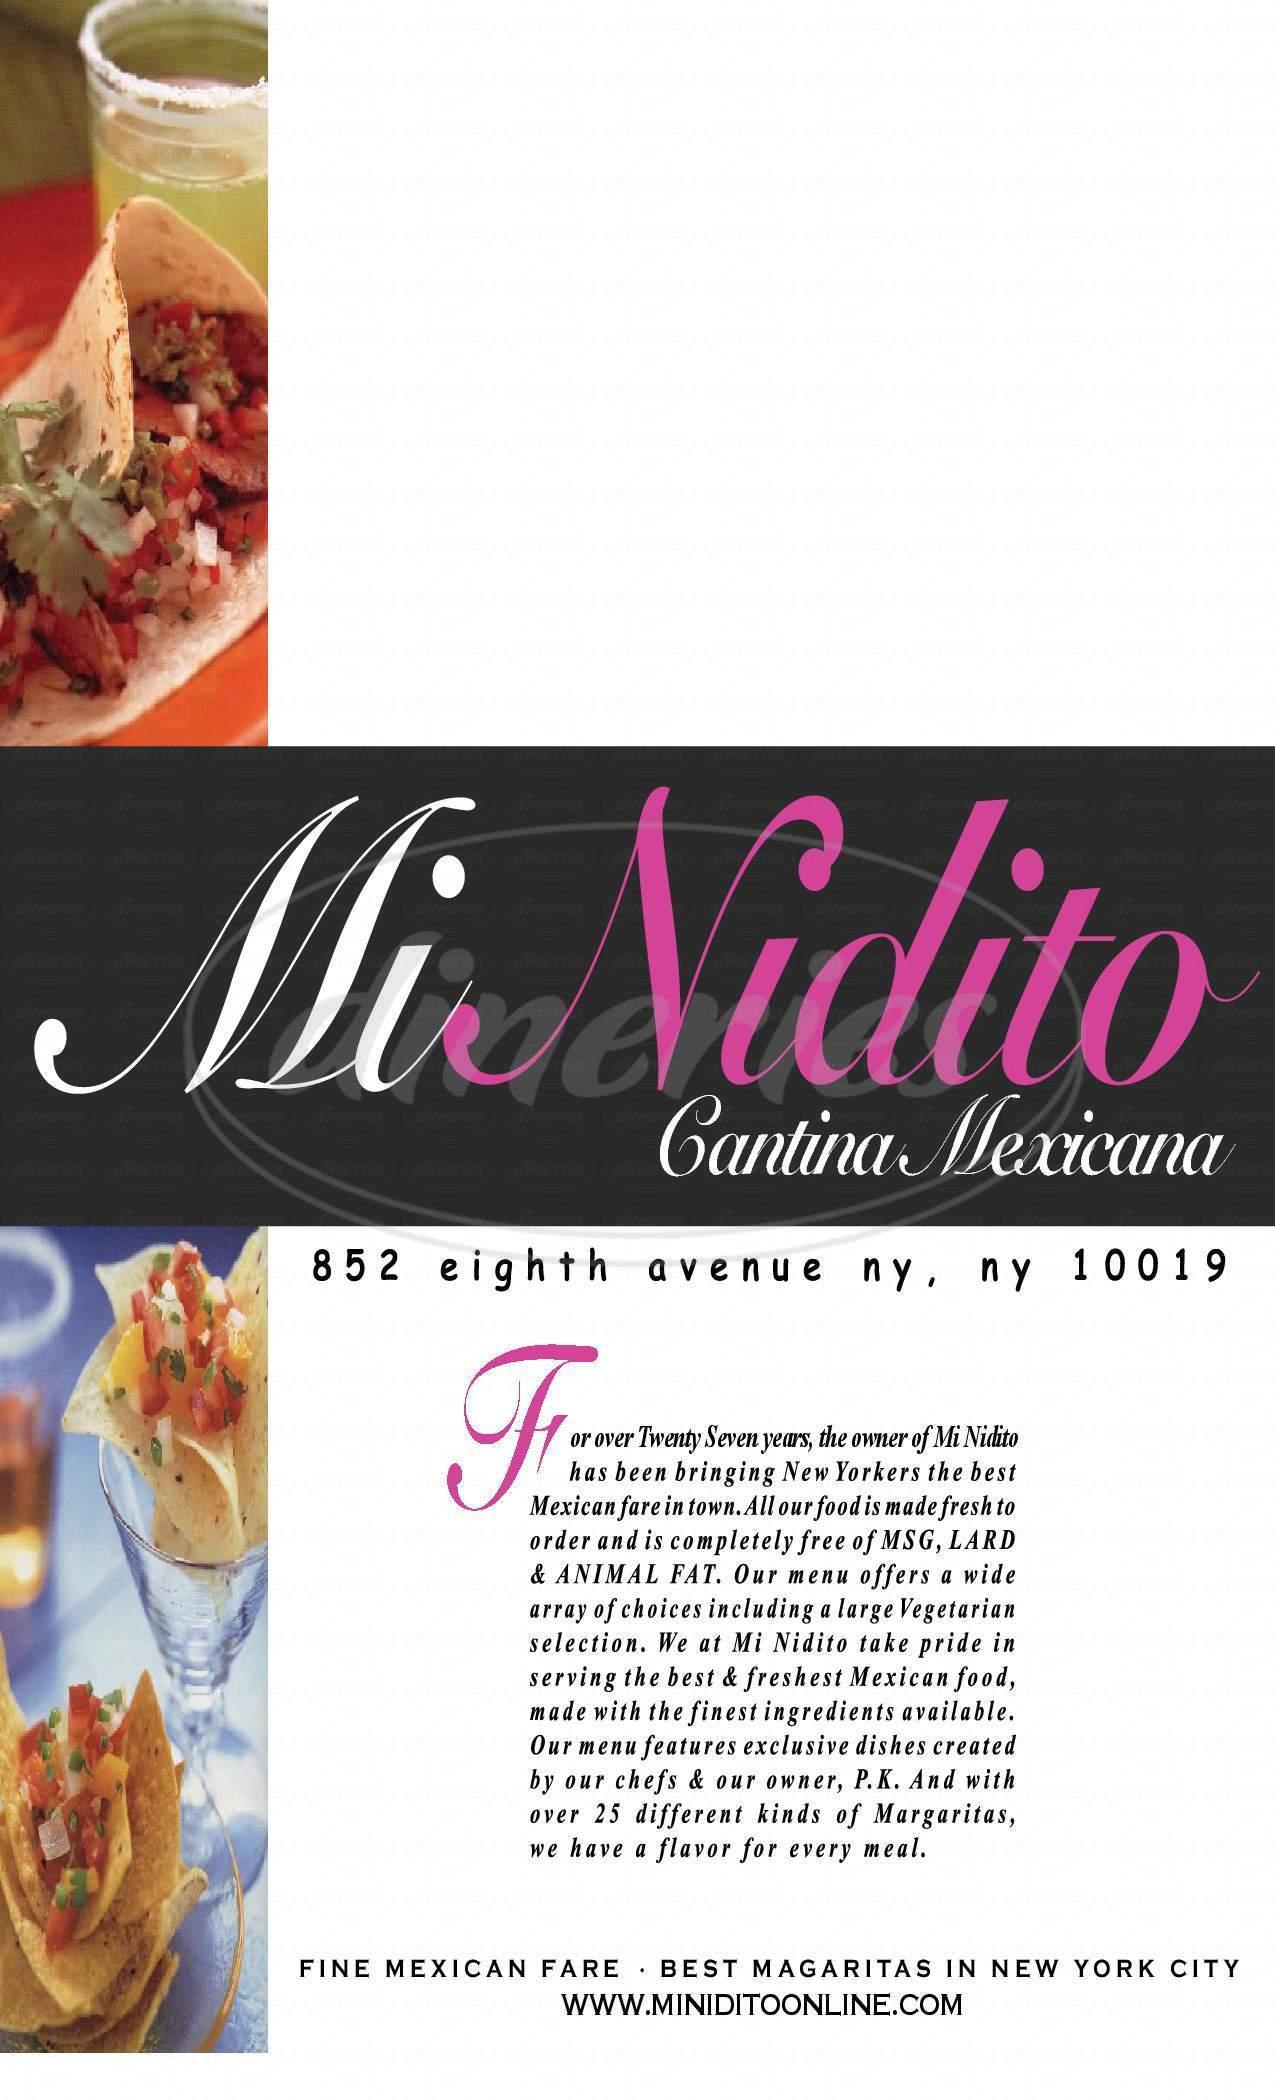 menu for El Nido's Pan Pizza